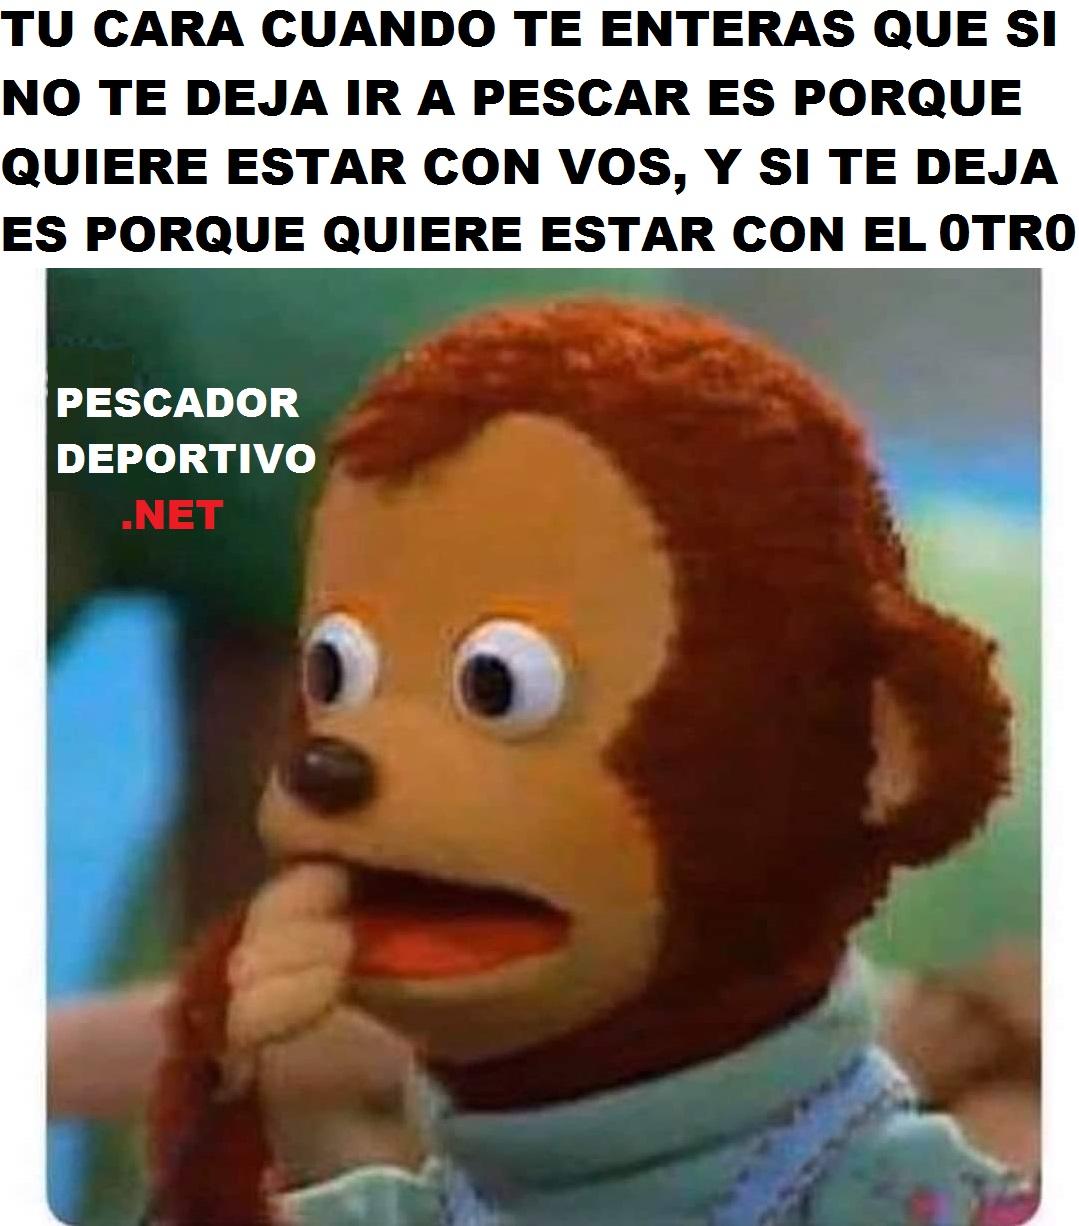 EL OTRO PESCA